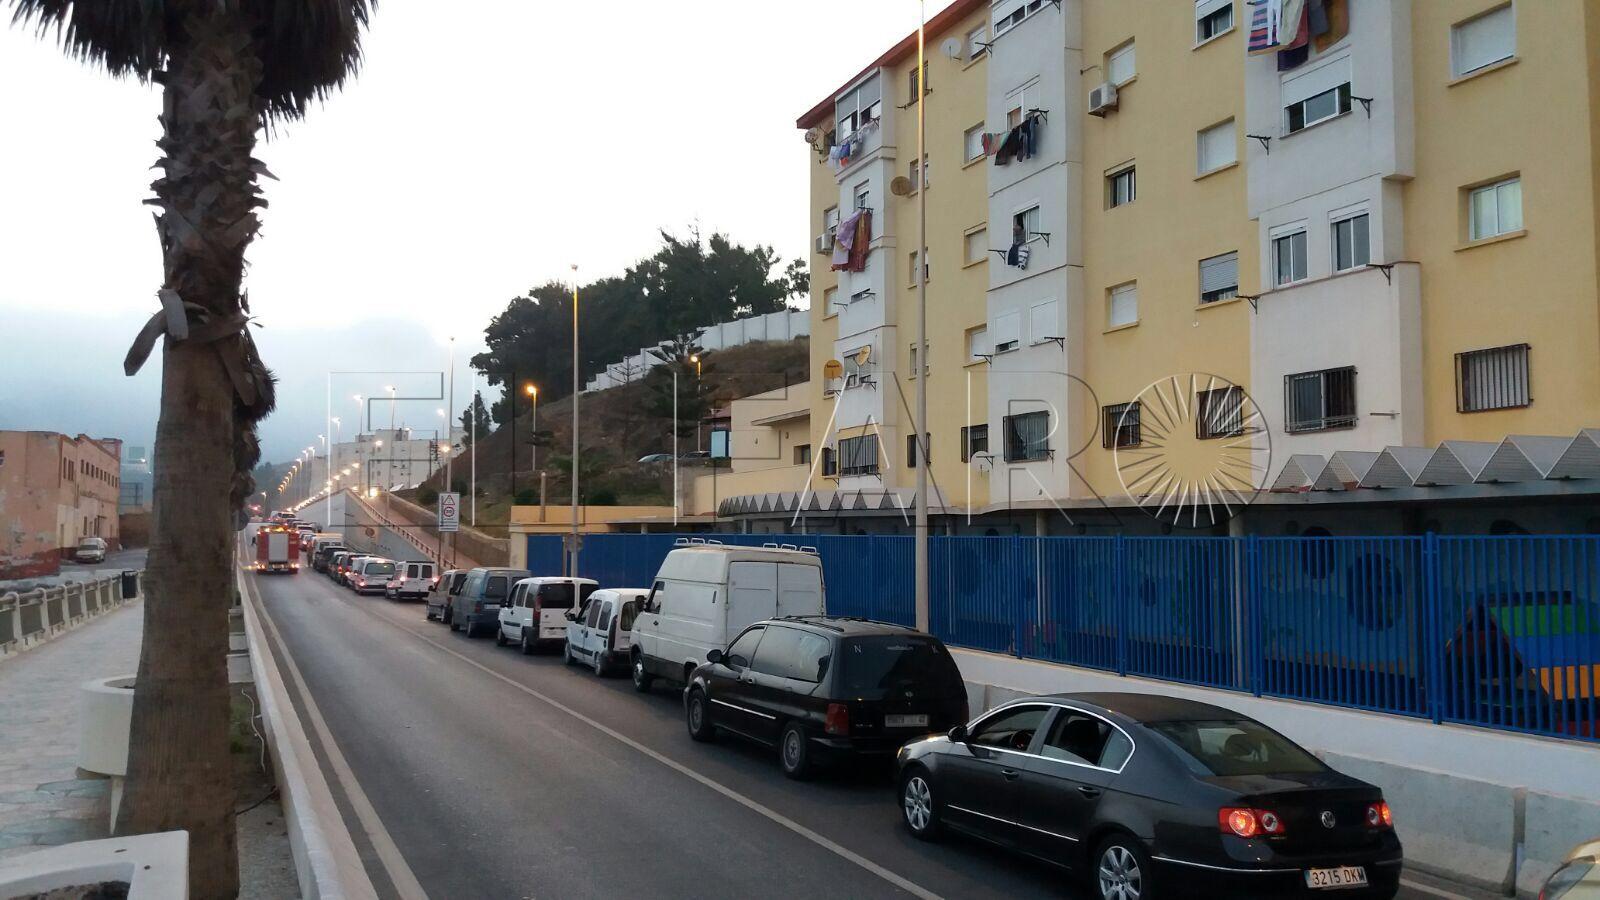 El dueño del coche-patera conduce al entrar en Ceuta y el chófer al salir a Marruecos